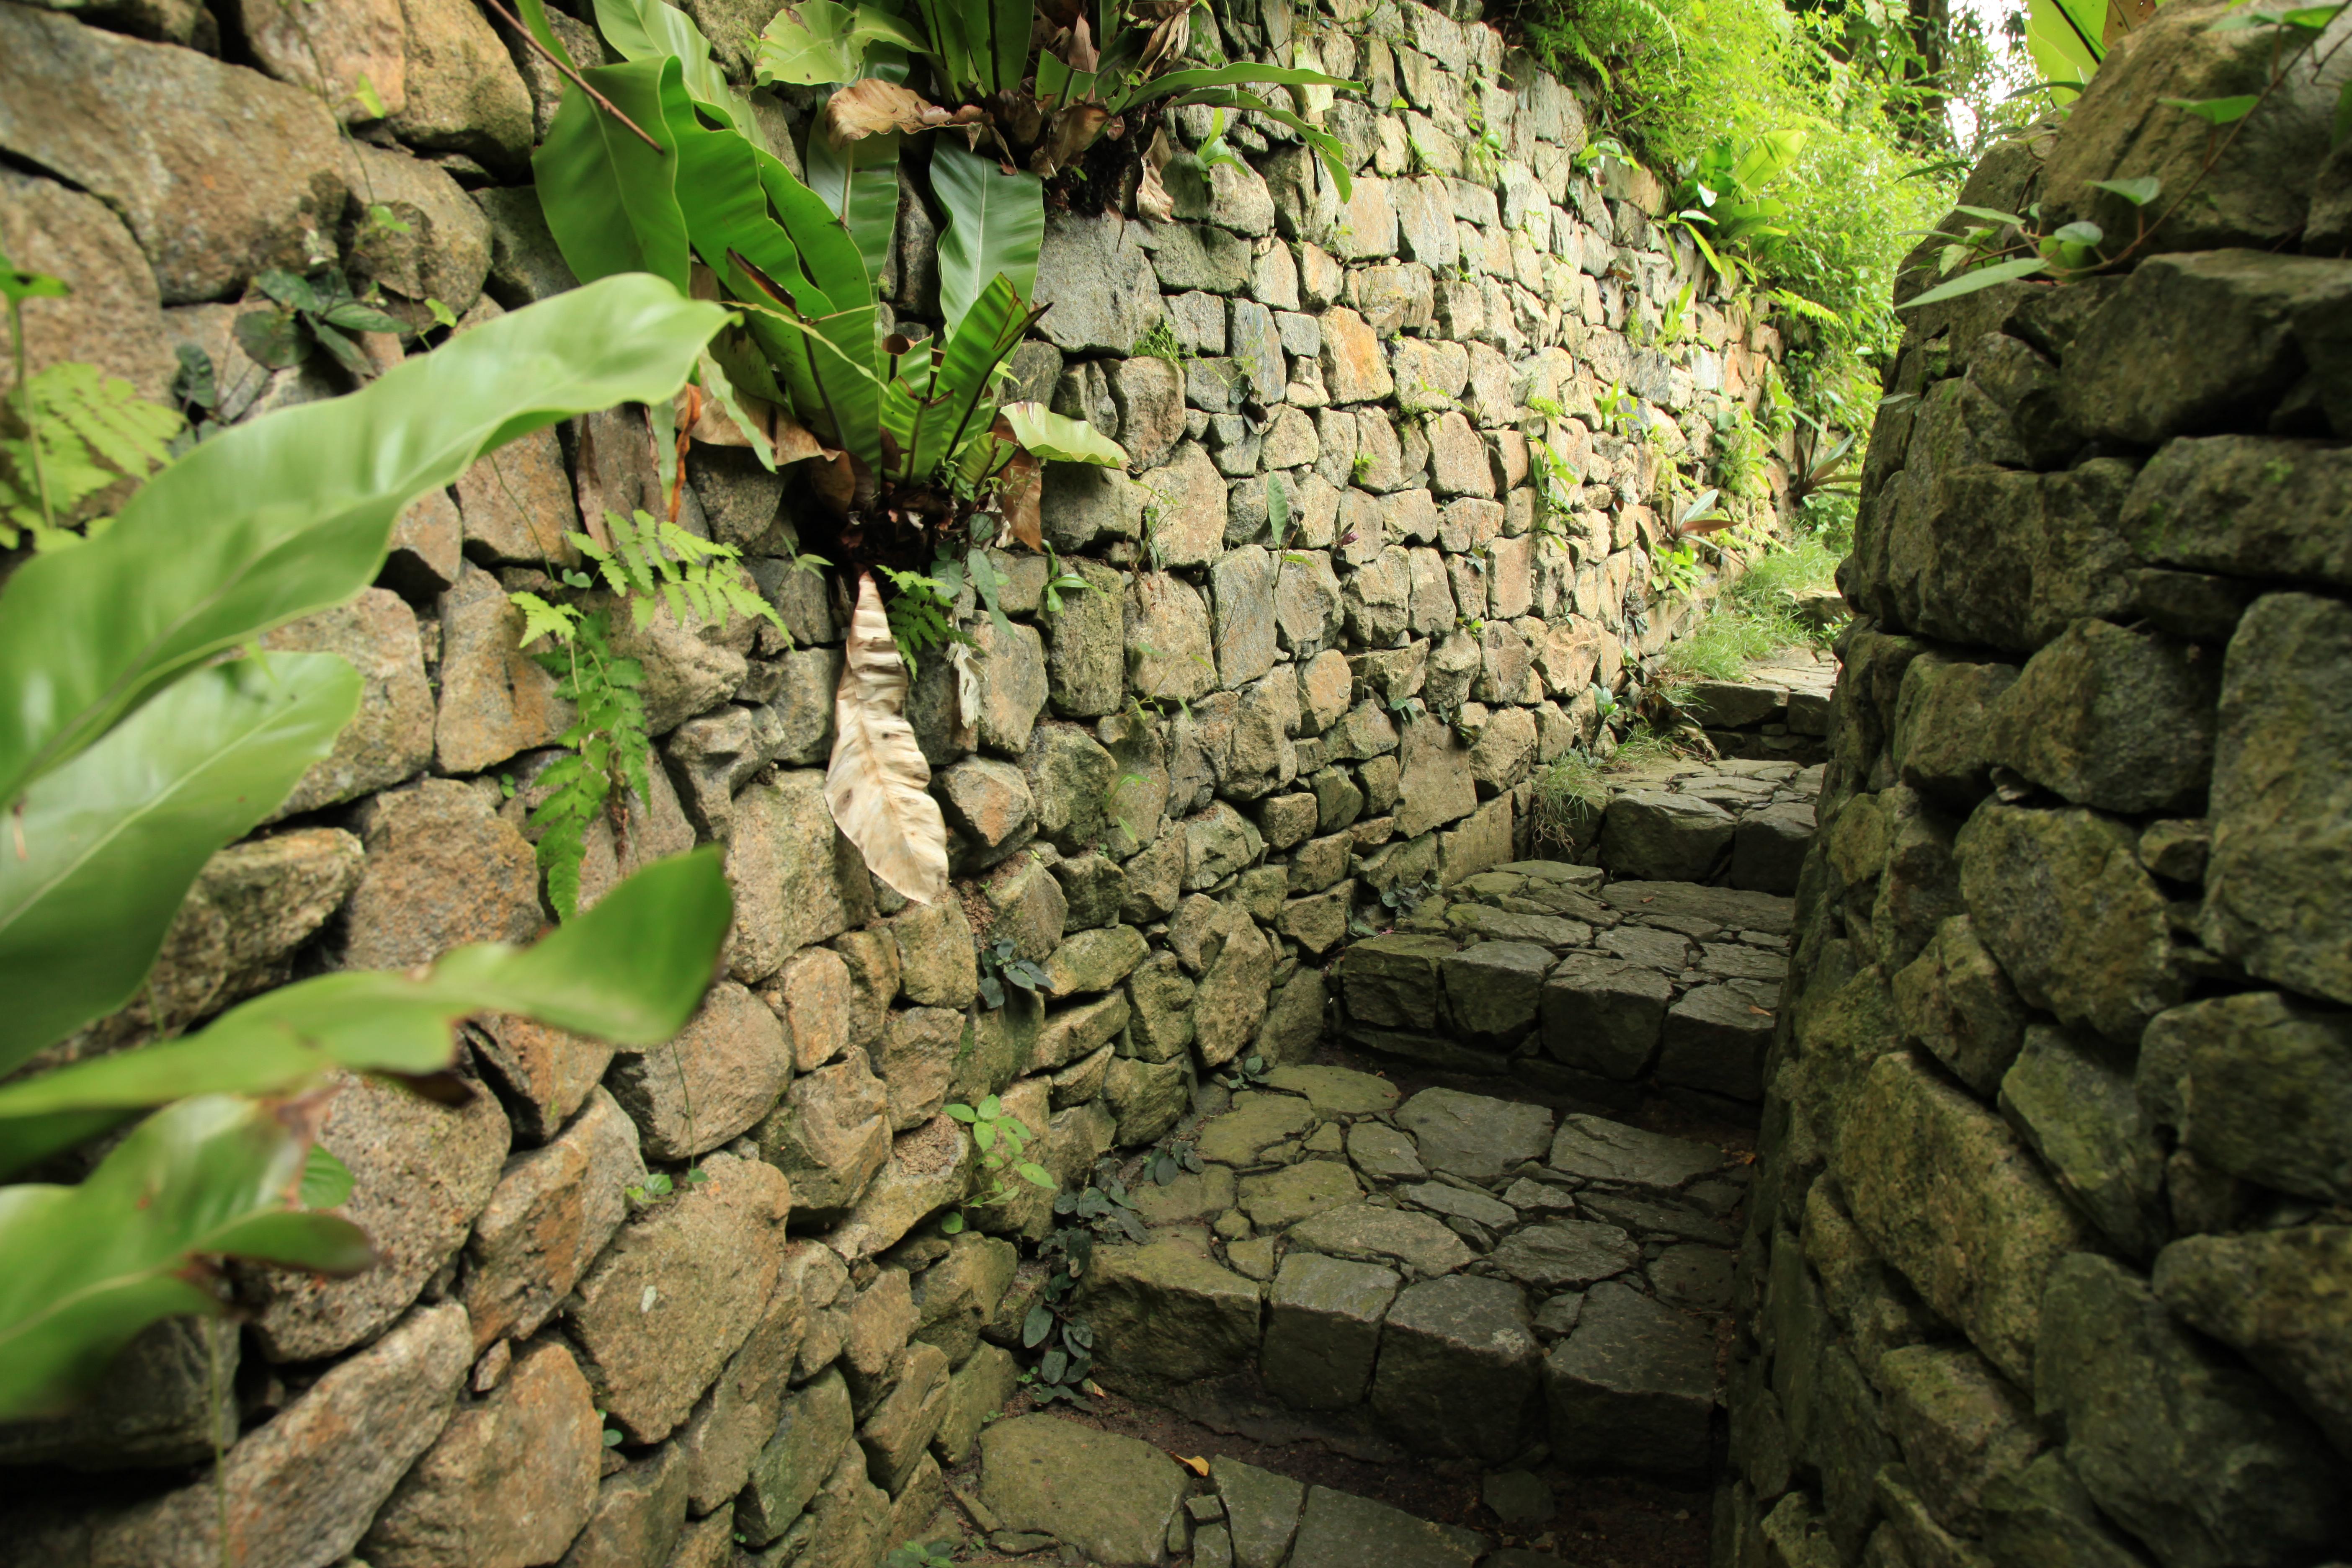 Déjate sorprender por el Jardín de la Especias en Penang - Malasia Gran Viaje Kuala Lumpur y gran tour de Borneo